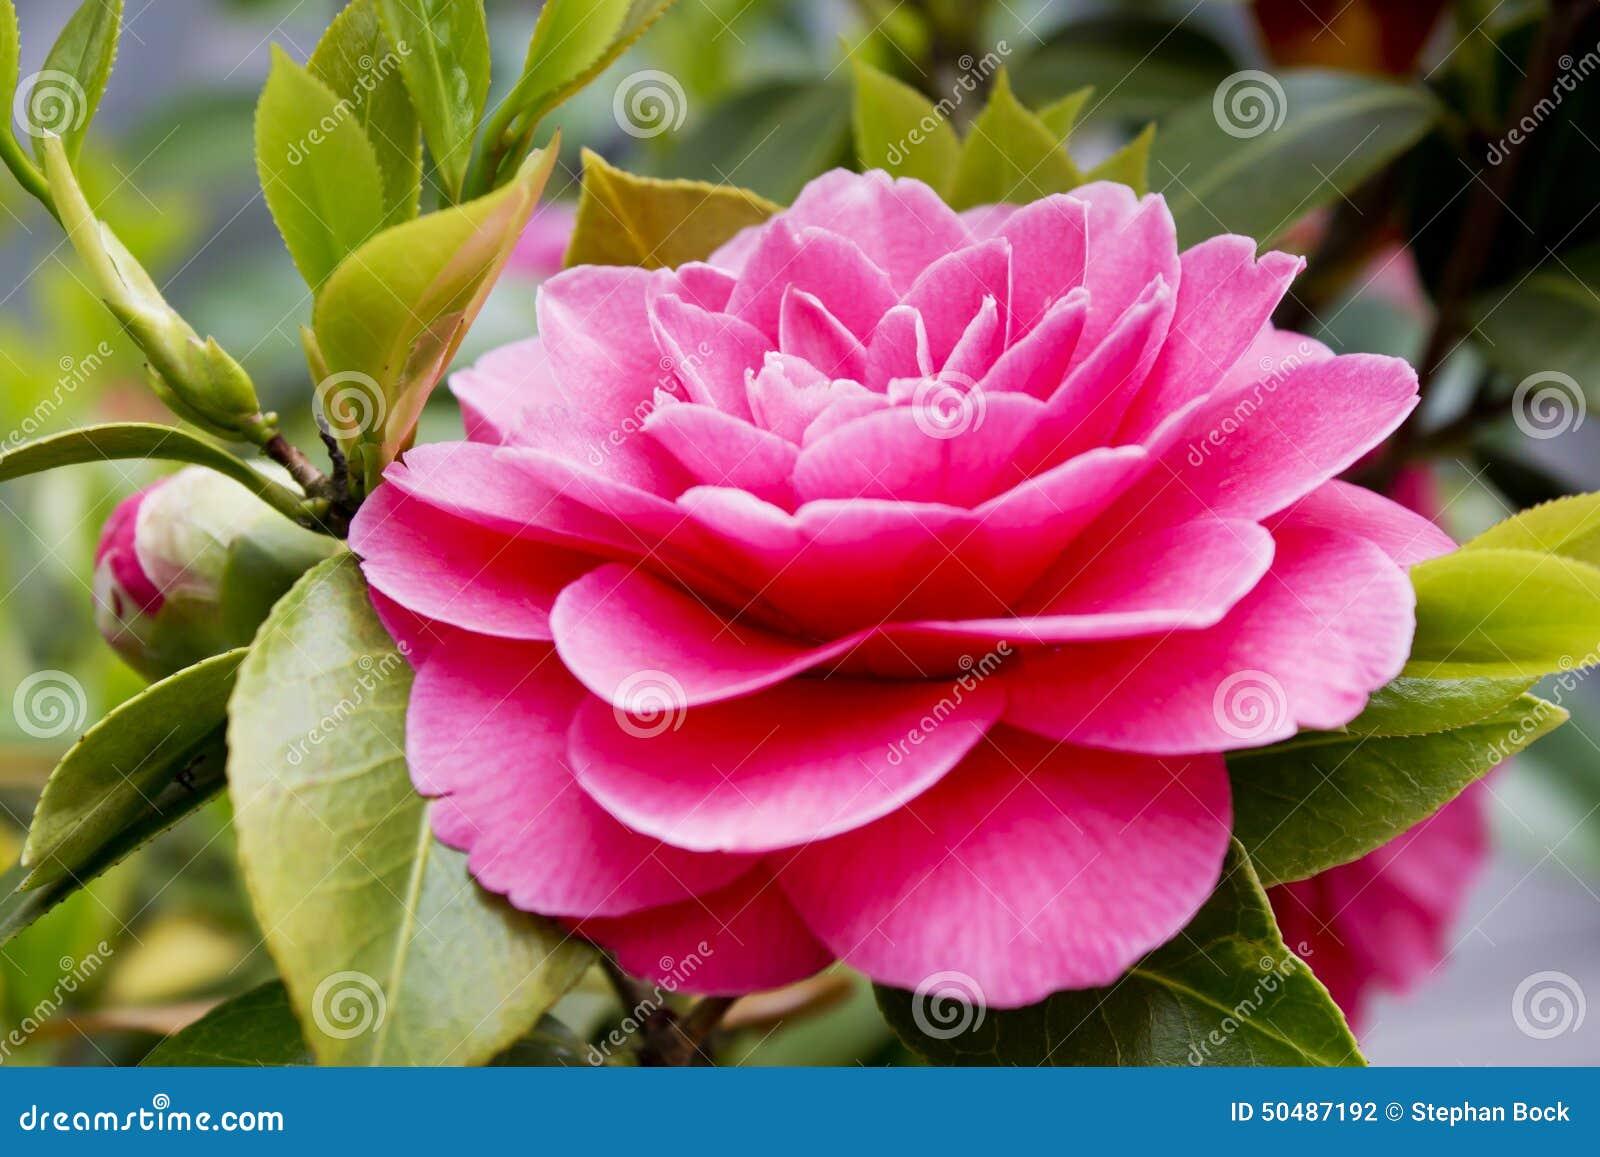 Fine giapponese rosa del fiore della camelia su fotografia stock immagine di nave rose 50487192 - Camelia pianta da esterno ...